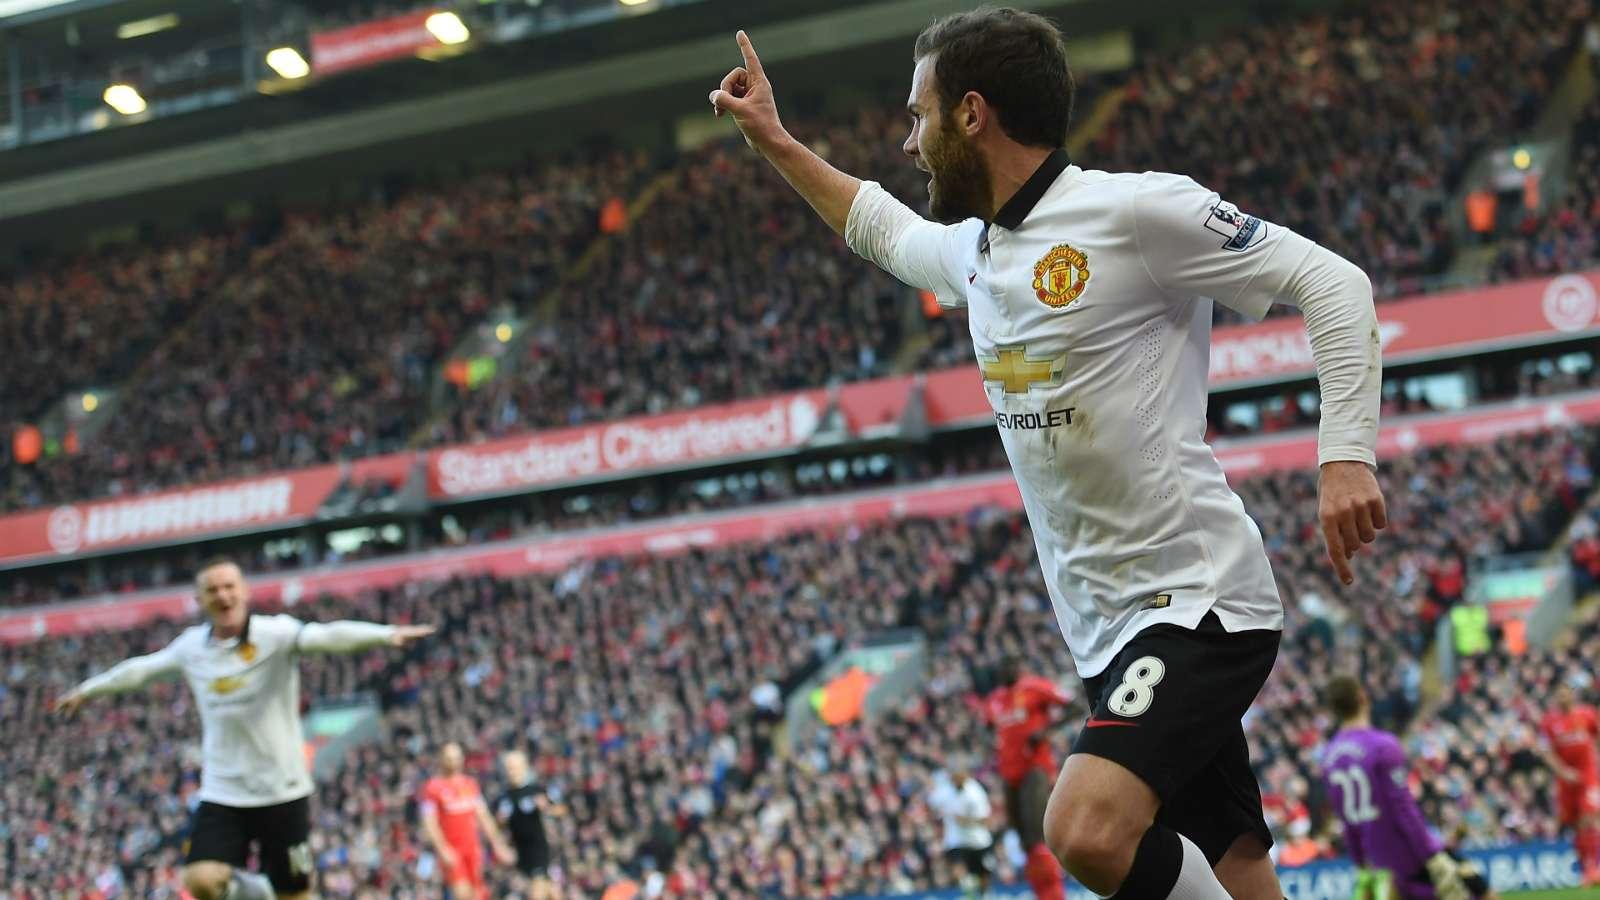 从Pogba到Di Maria - Woodward的Man Utd将排名从最差到最好